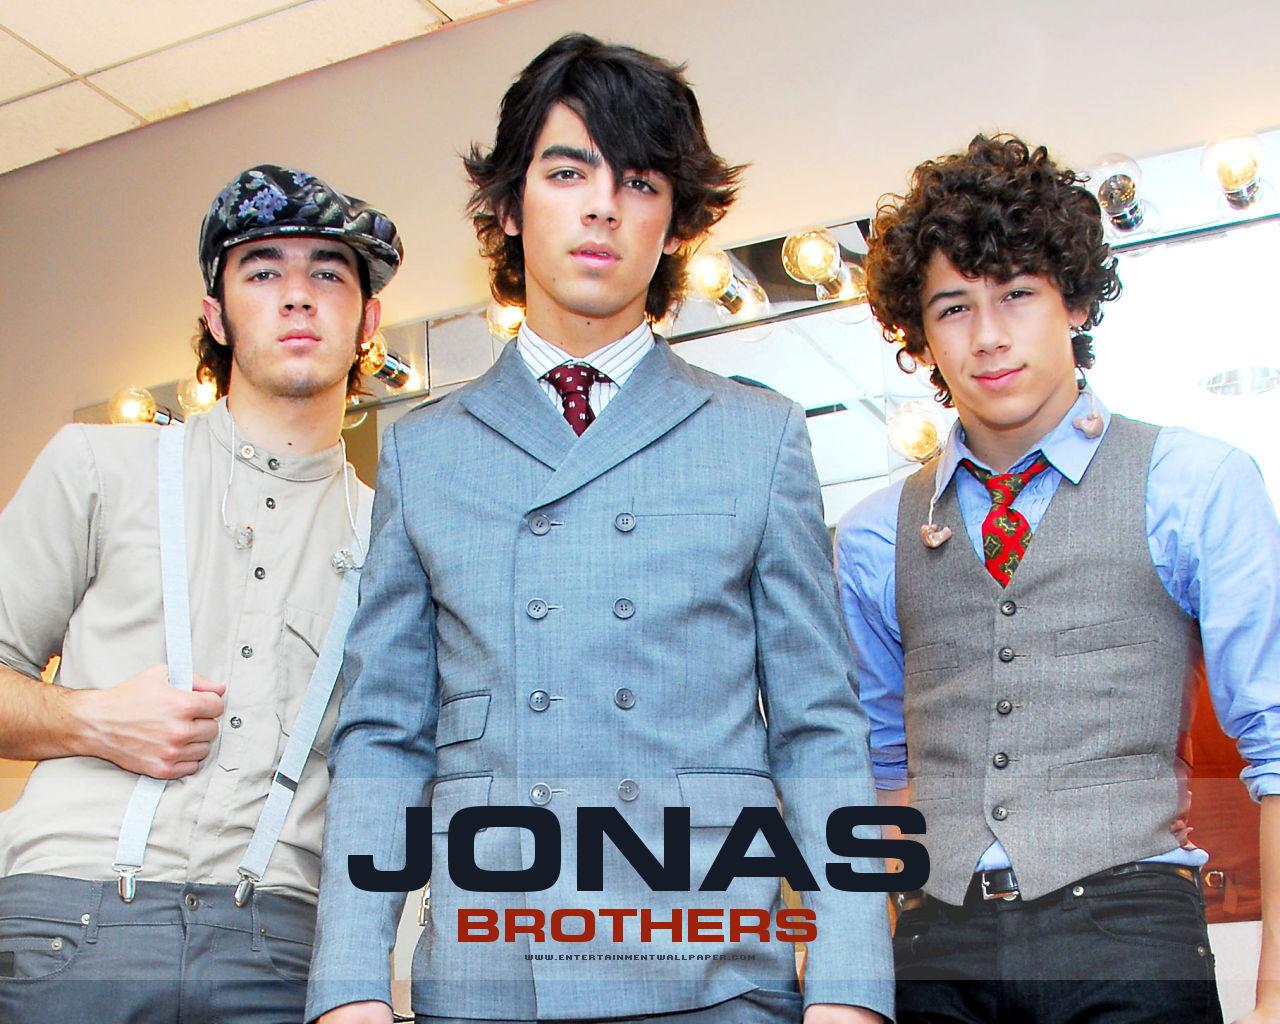 Jonas brothers resimleri yabanc nl lerin resimleri hq - Jonas brothers blogspot ...